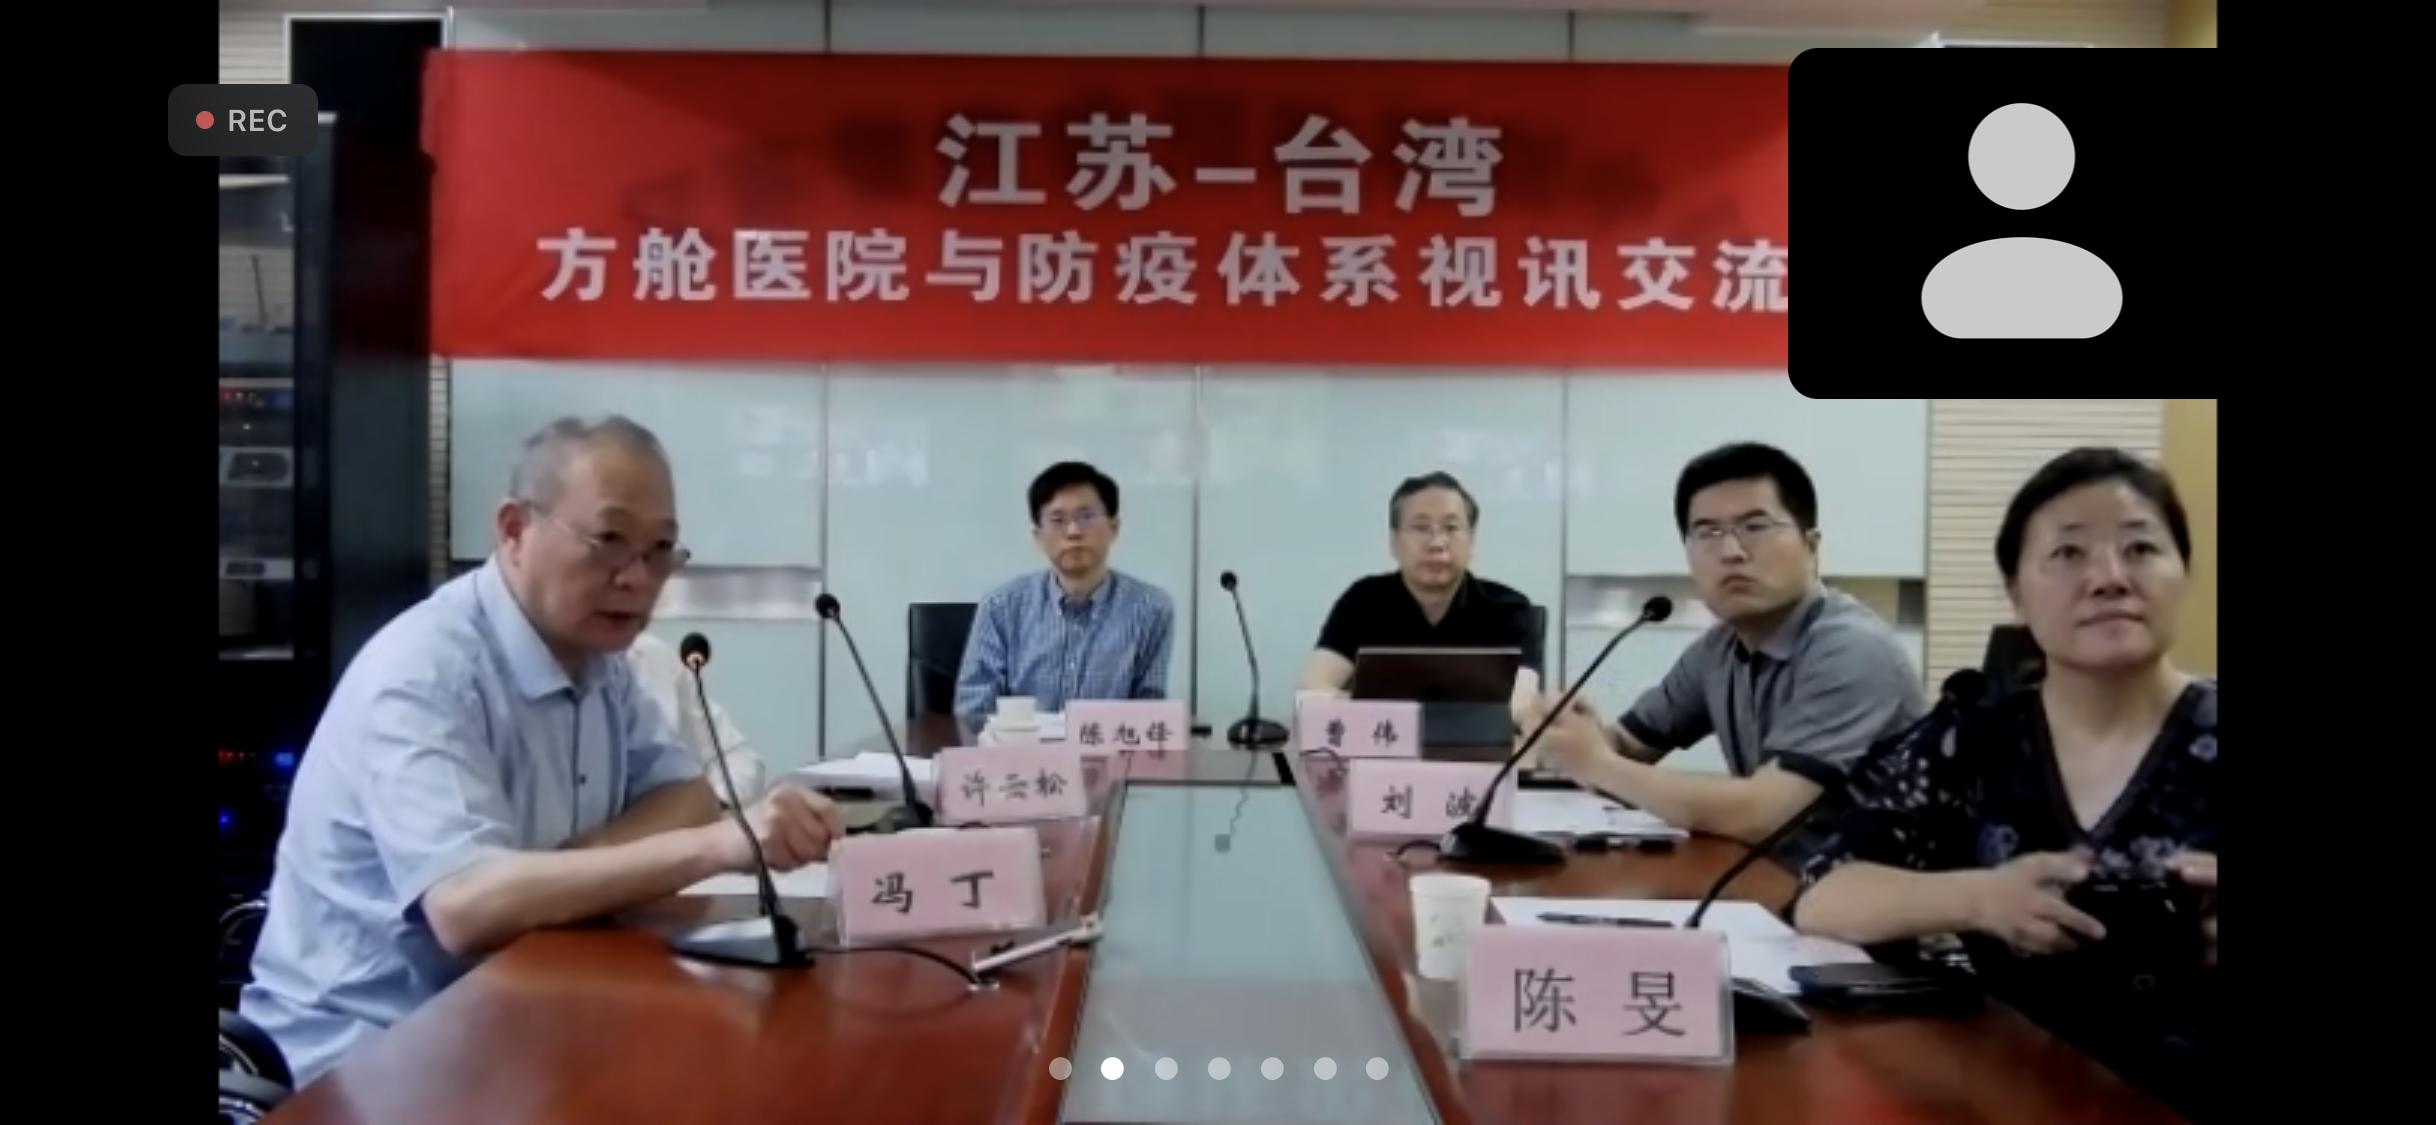 """台灣醫療量能緊張,醫界呼籲蓋方艙醫院,線上向大陸""""取經"""""""